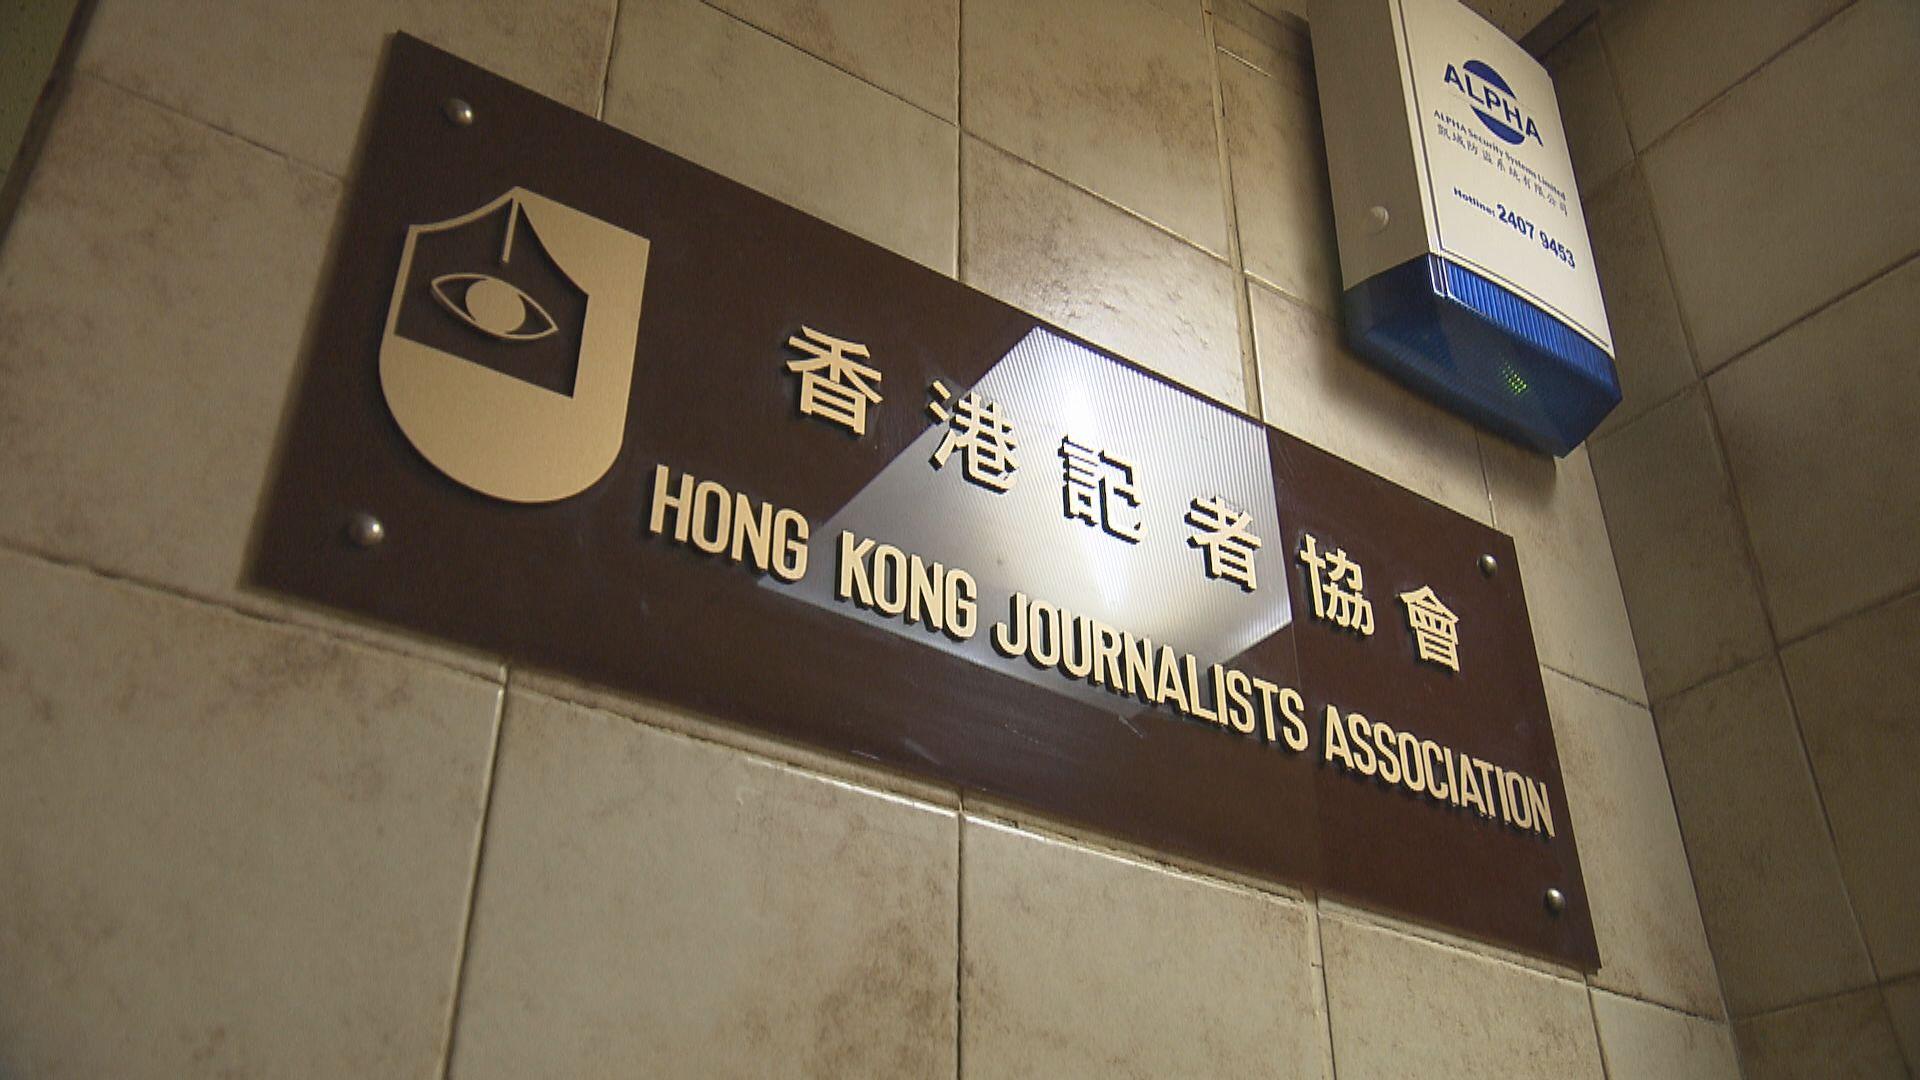 記協對本港記者赴澳門採訪被拒入境表示極度遺憾